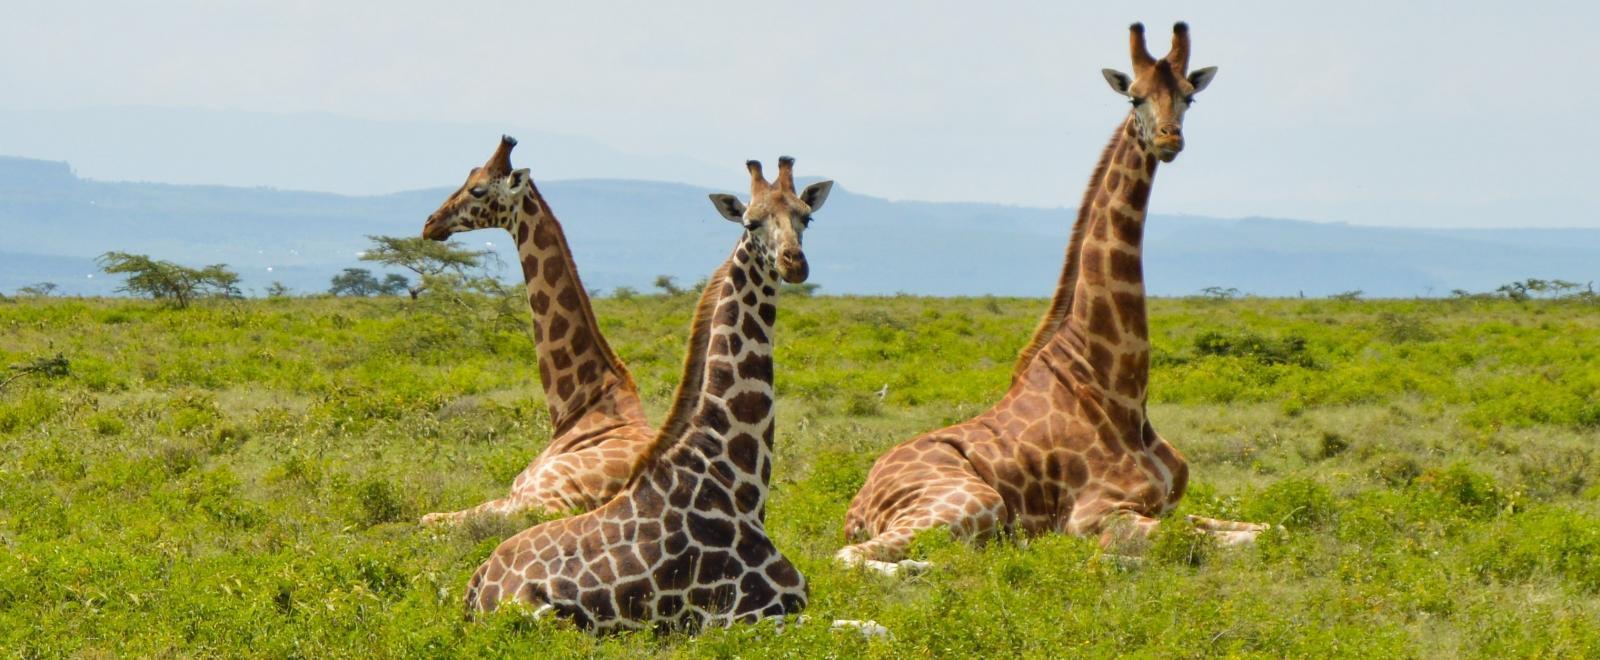 Safari privado en Kenia con extensión a Chale Island